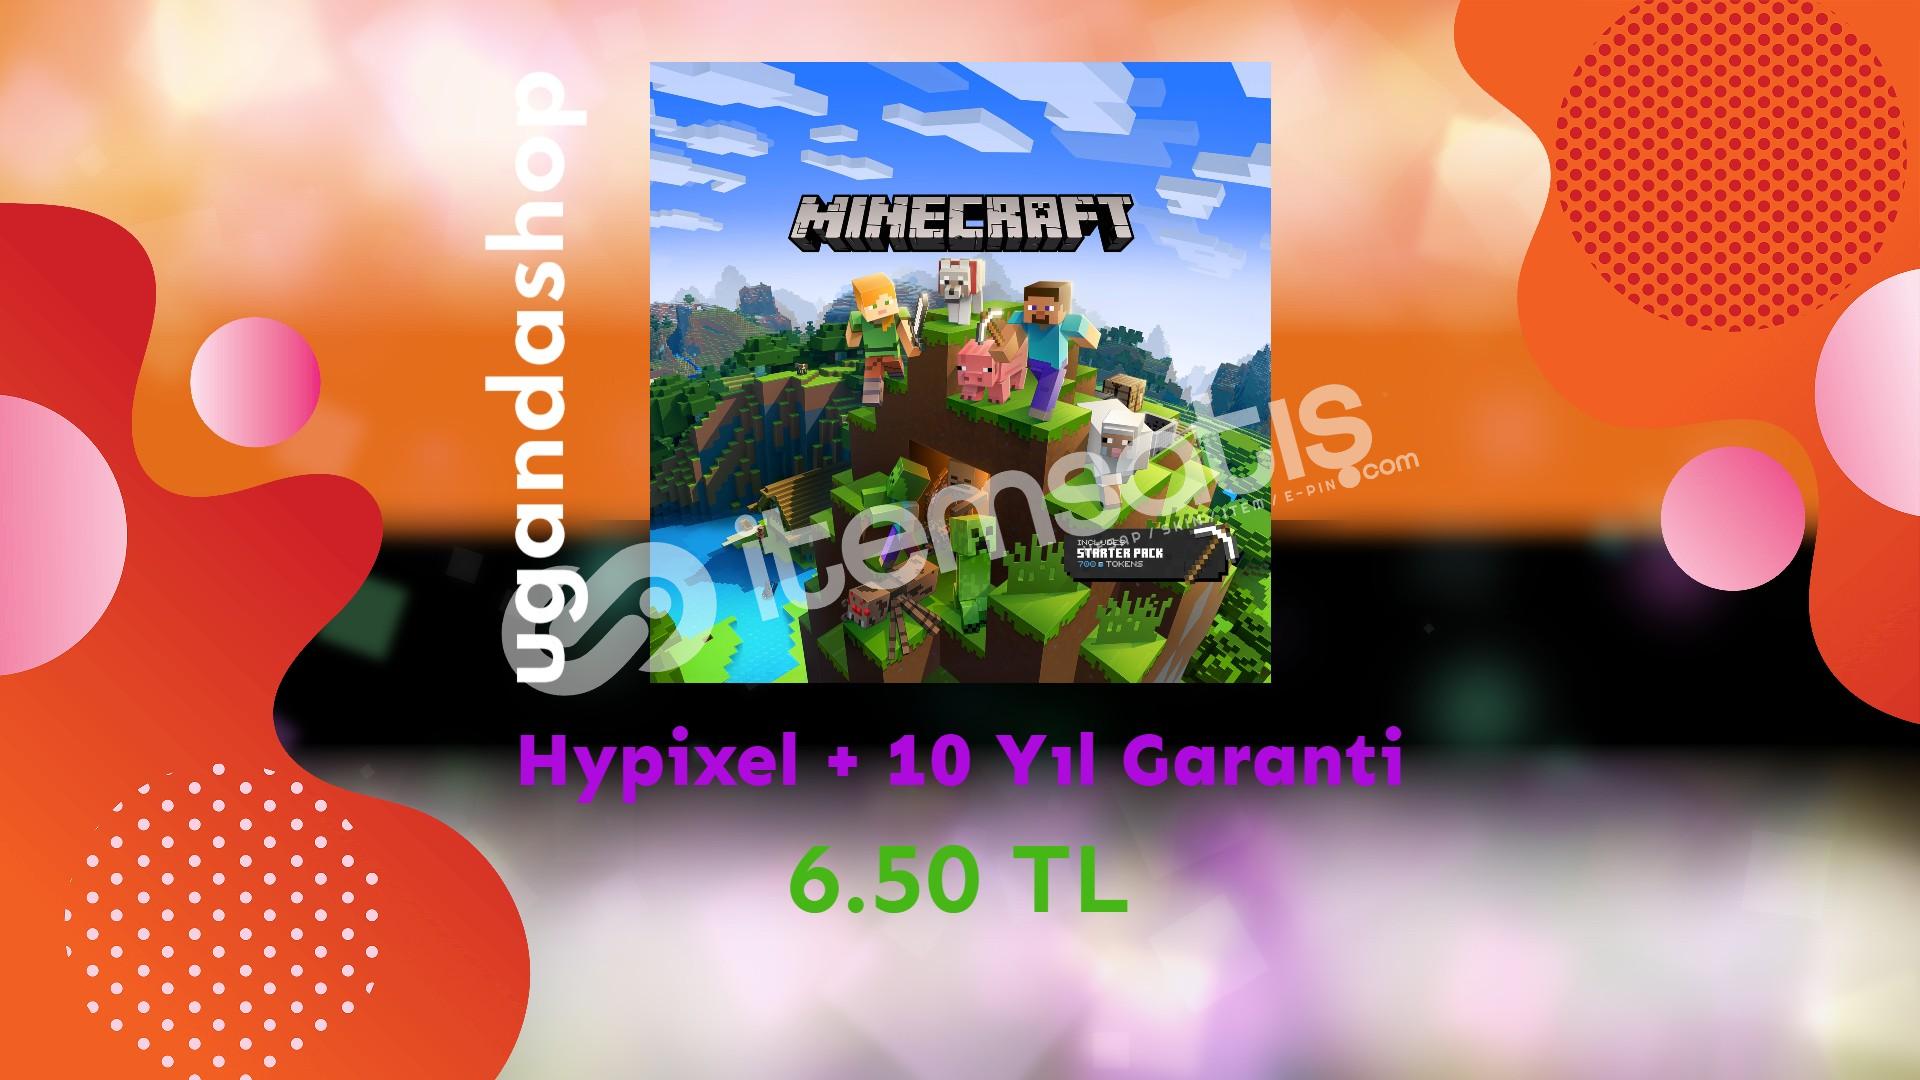 Minecraft Premium (Başlatıcıya Erişim) + 10 Yıl Garanti